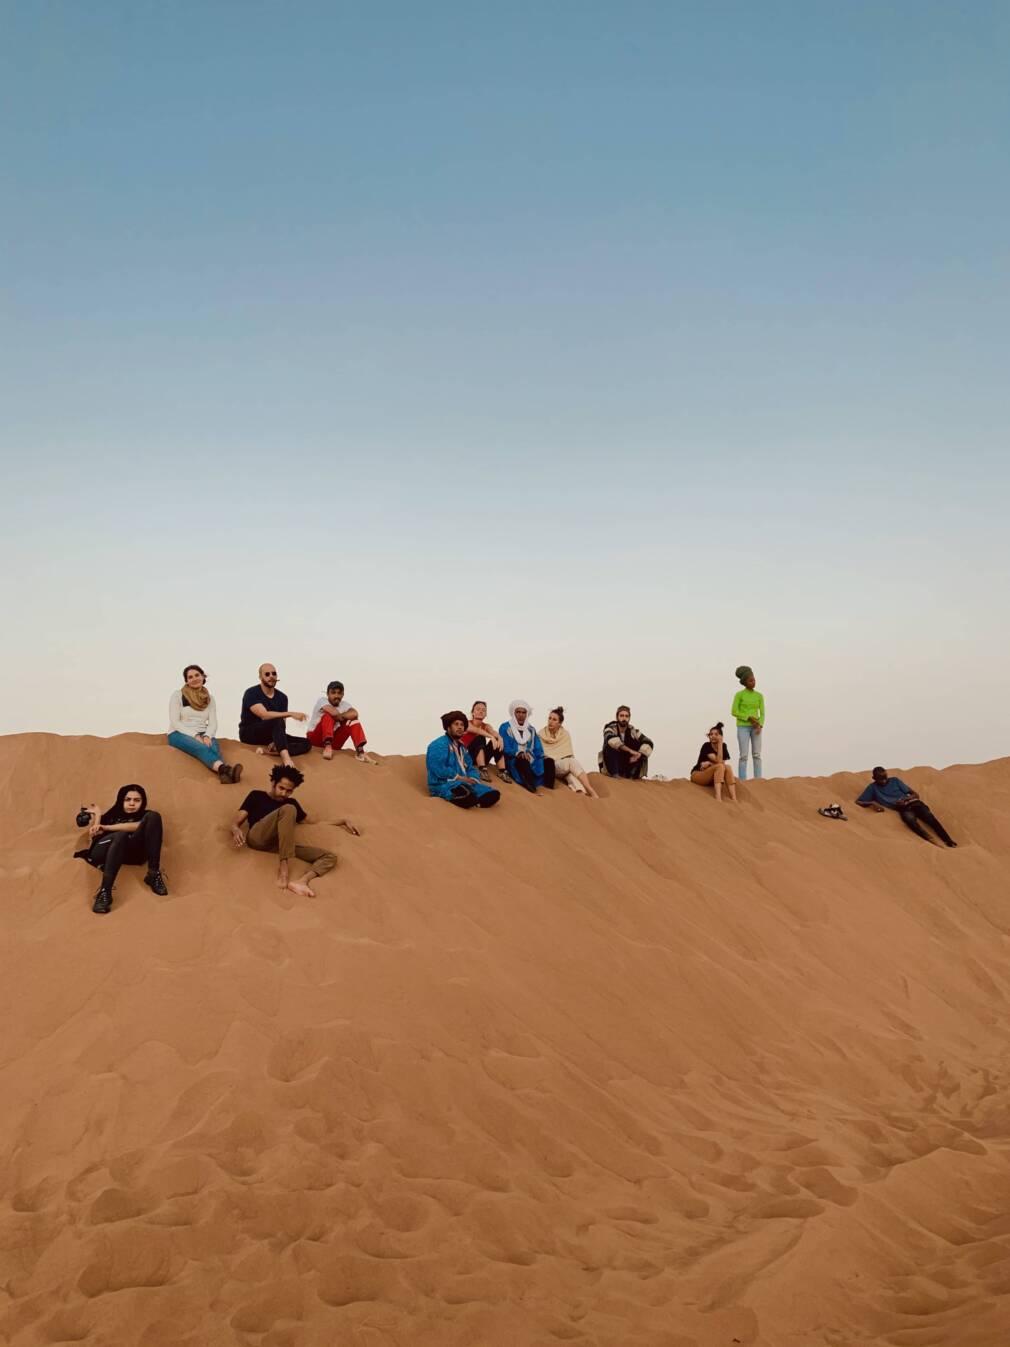 Hôtel Sahara, les imaginaires bousculés